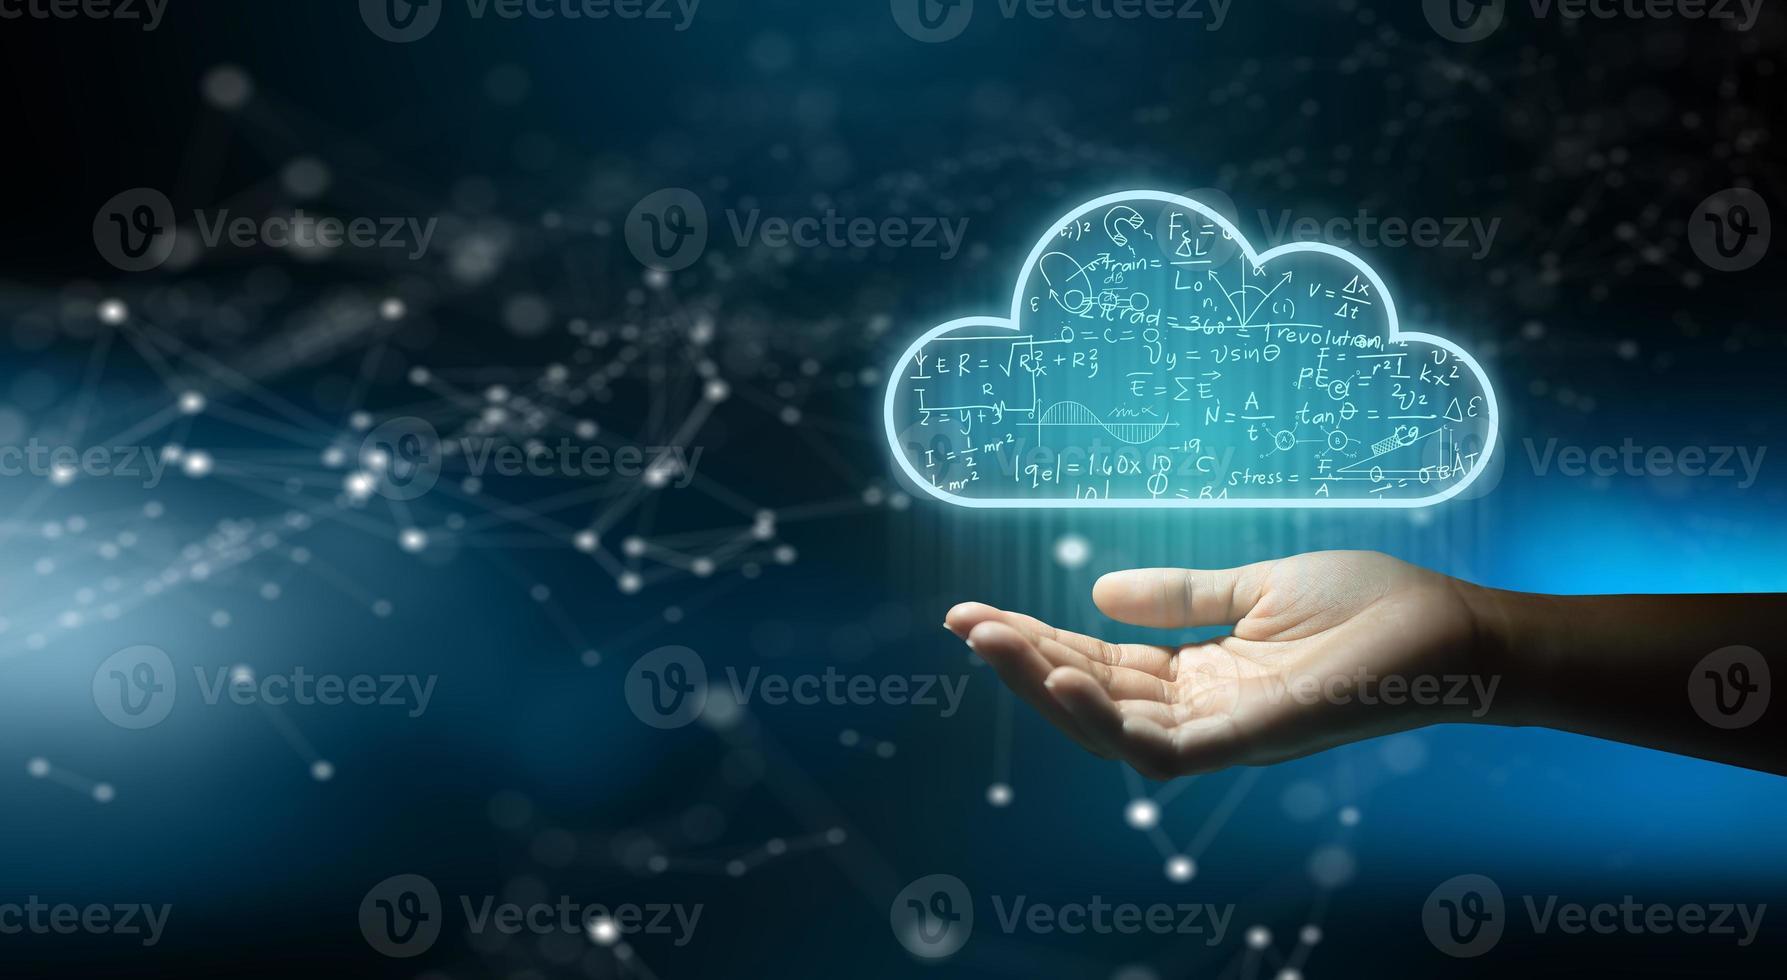 molnberäkningsteknik internetlagringsnätverk. foto